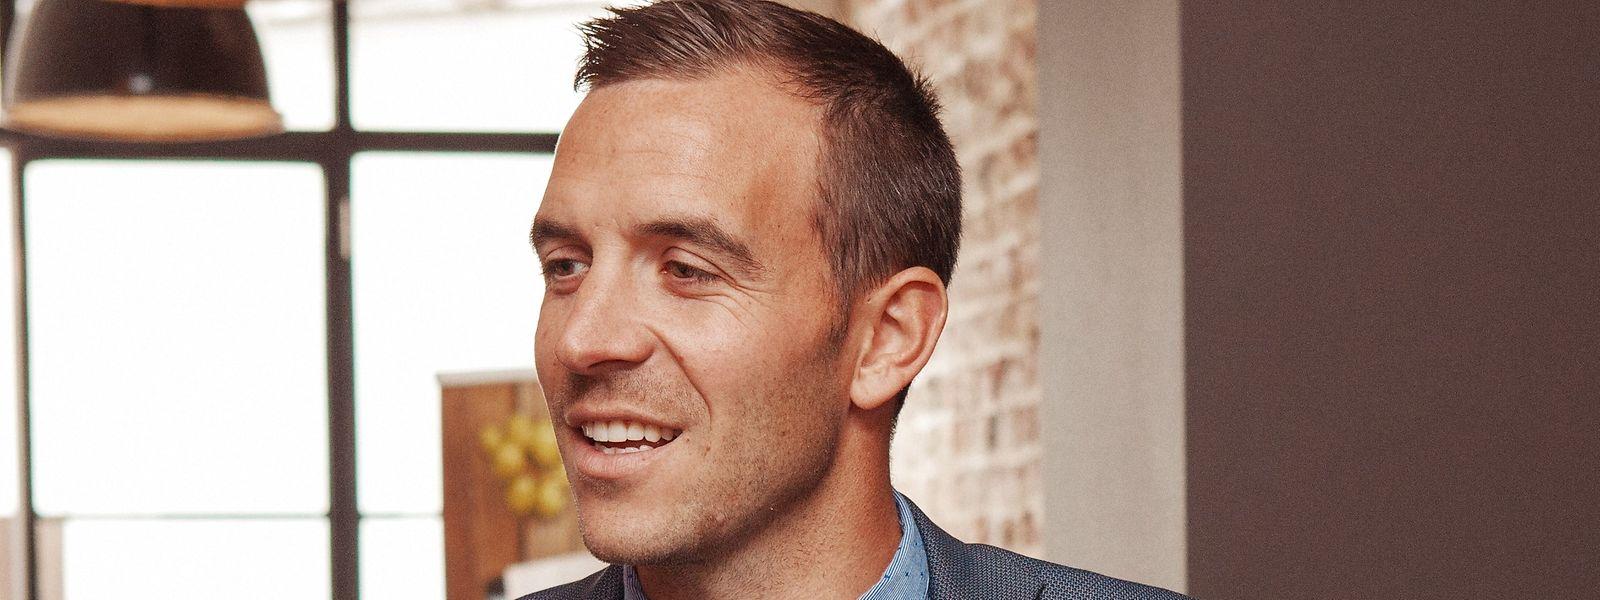 Selon Julien Wathieu, Lidl entend augmenter de 10% par an ses ventes de références luxembourgeoises.